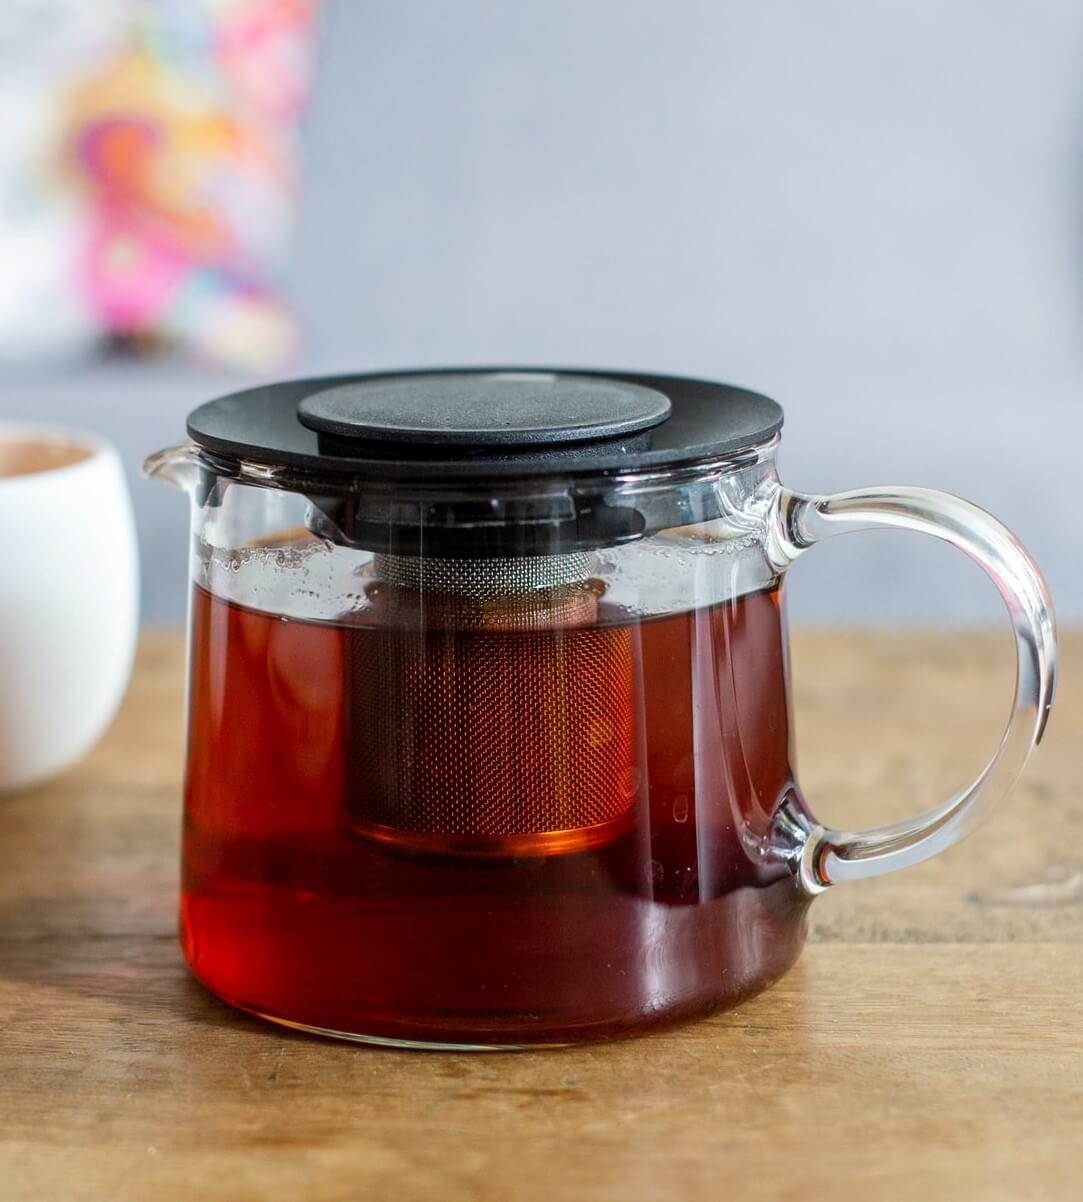 Glaskanne mit Tee